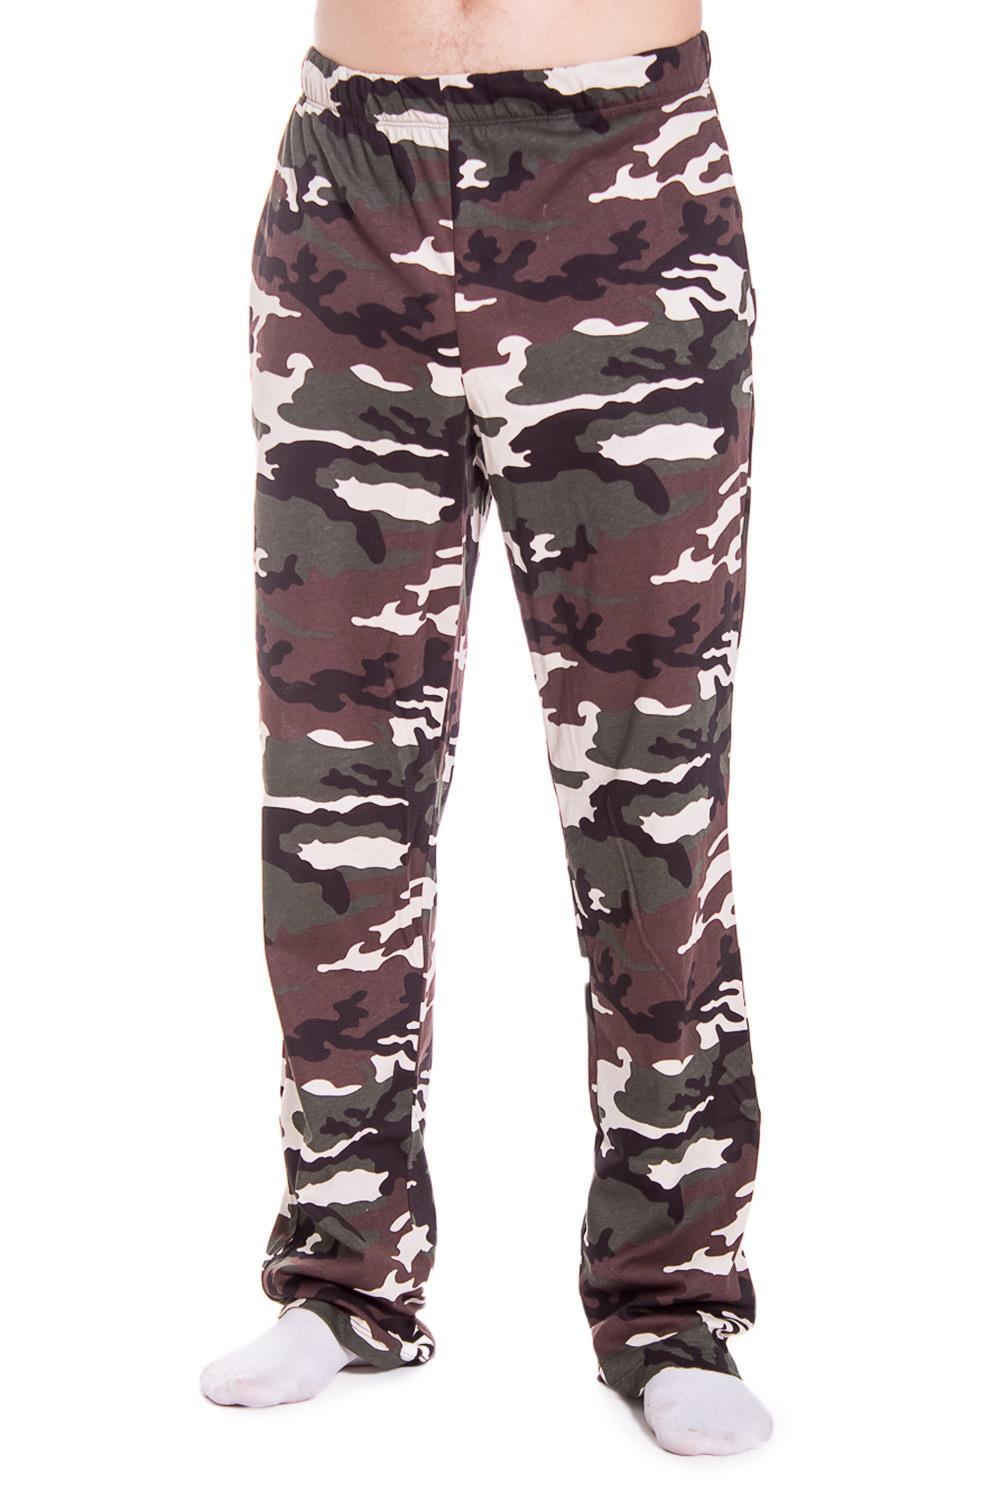 БрюкиБрюки<br>Мужские хлопковые брюки. Отличный вариант для активного отдыха и для домашнего использования.  В изделии использованы цвета: зеленый, коричневый, белый.<br><br>По сезону: Всесезон<br>Размер : 44<br>Материал: Трикотаж<br>Количество в наличии: 1